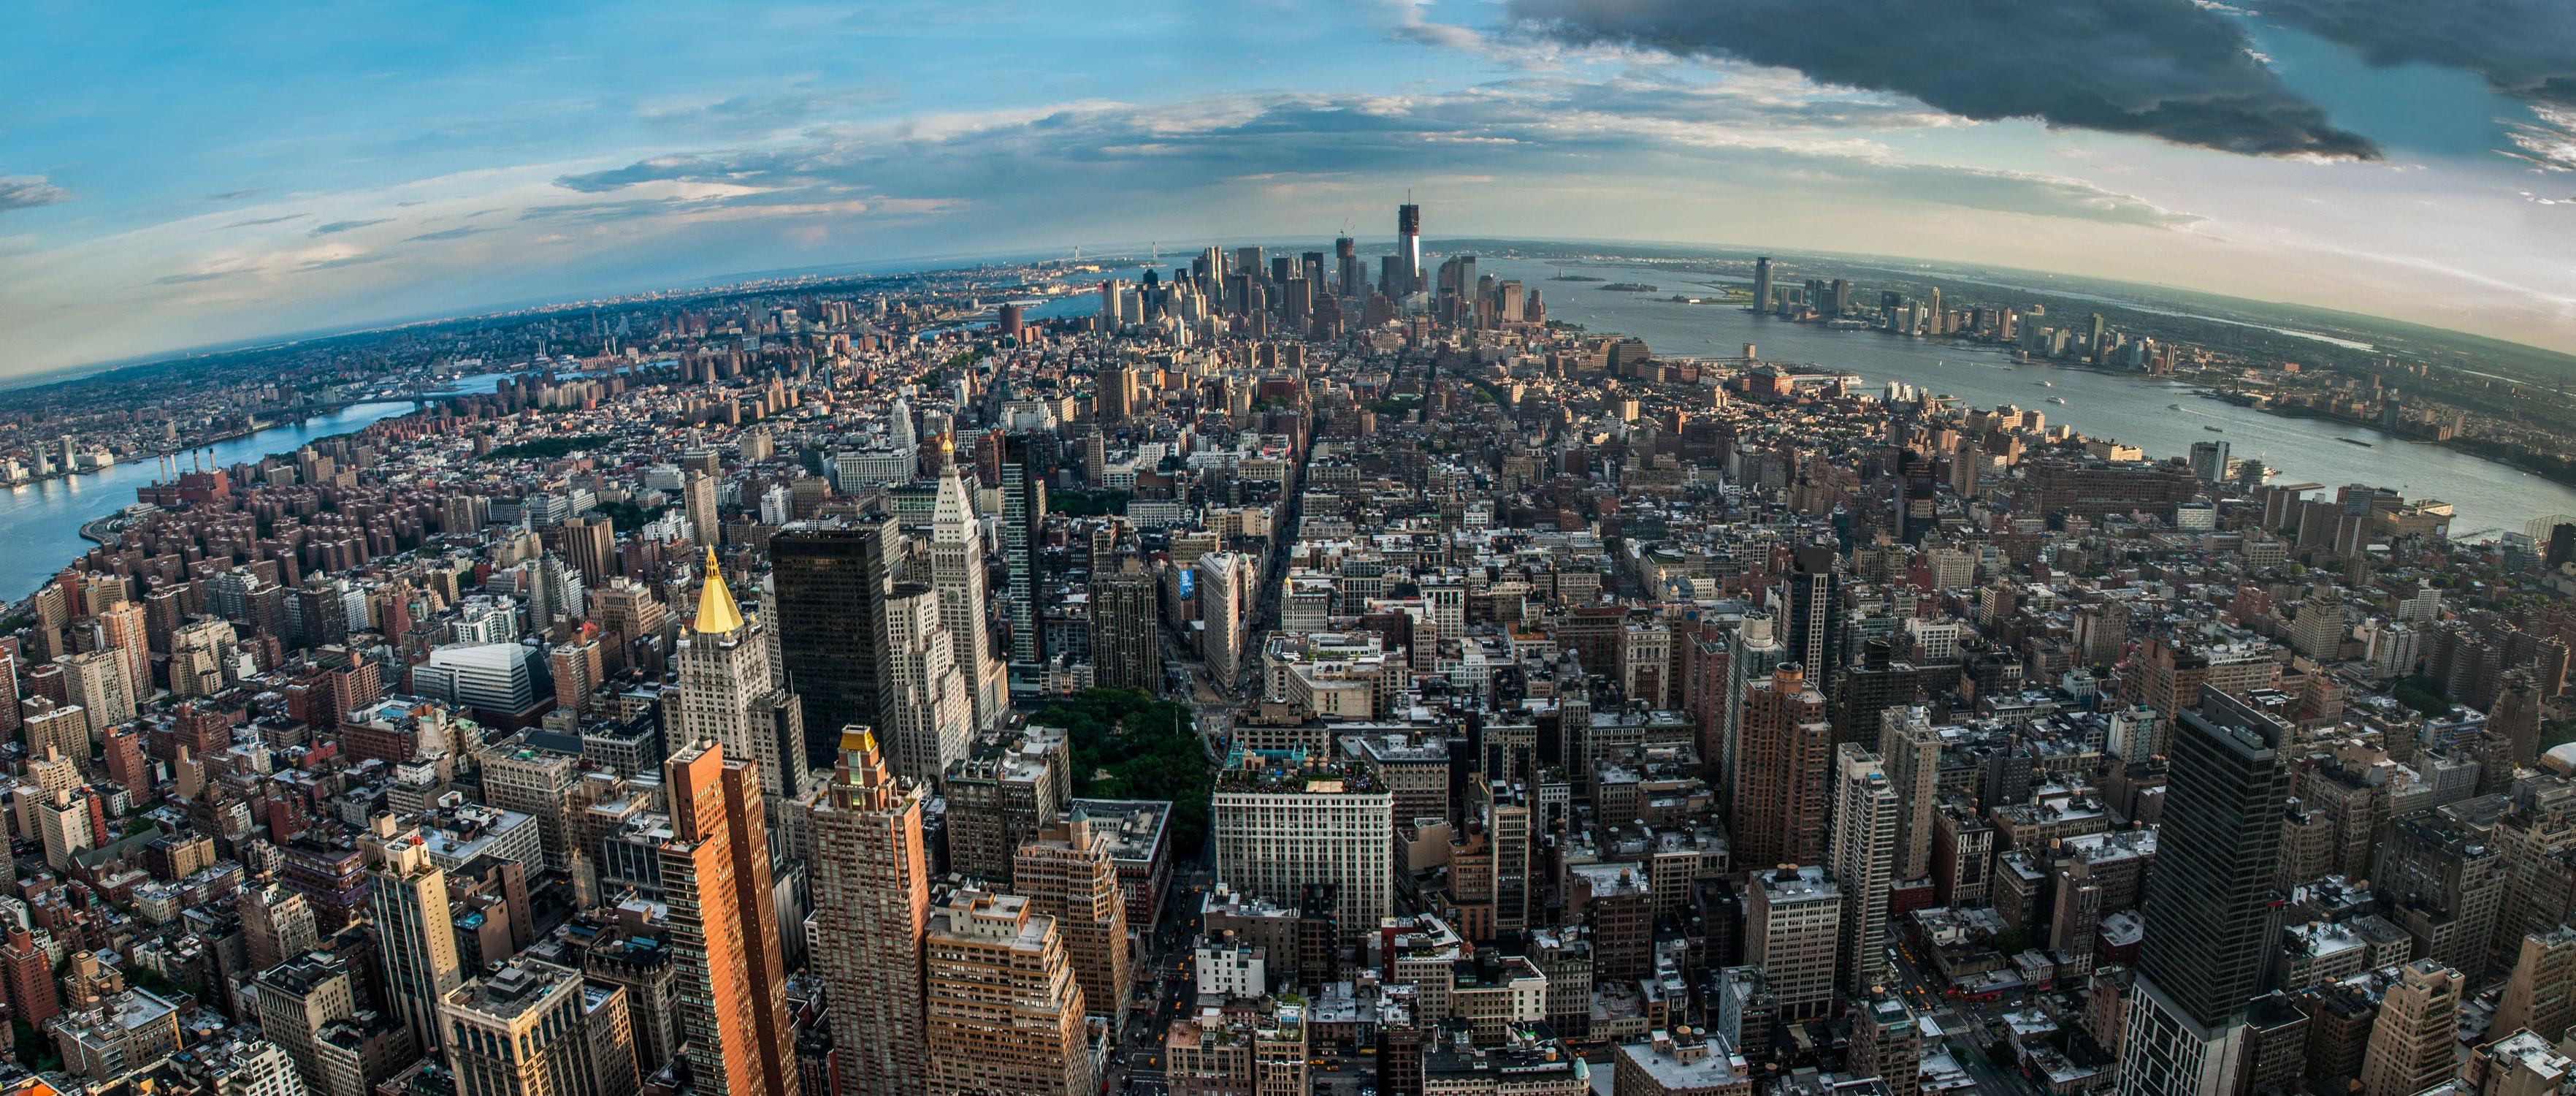 Bild mit Autos, Architektur, Straßen, Panorama, Stadt, urban, New York, New York, monochrom, Staedte und Architektur, USA, hochhaus, wolkenkratzer, metropole, Straße, Hochhäuser, Manhattan, Brooklyn Bridge, Yellow cab, taxi, Taxis, New York City, NYC, Gelbe Taxis, yellow cabs, big apple, cabs, one world trade center, rain, storm, hudson